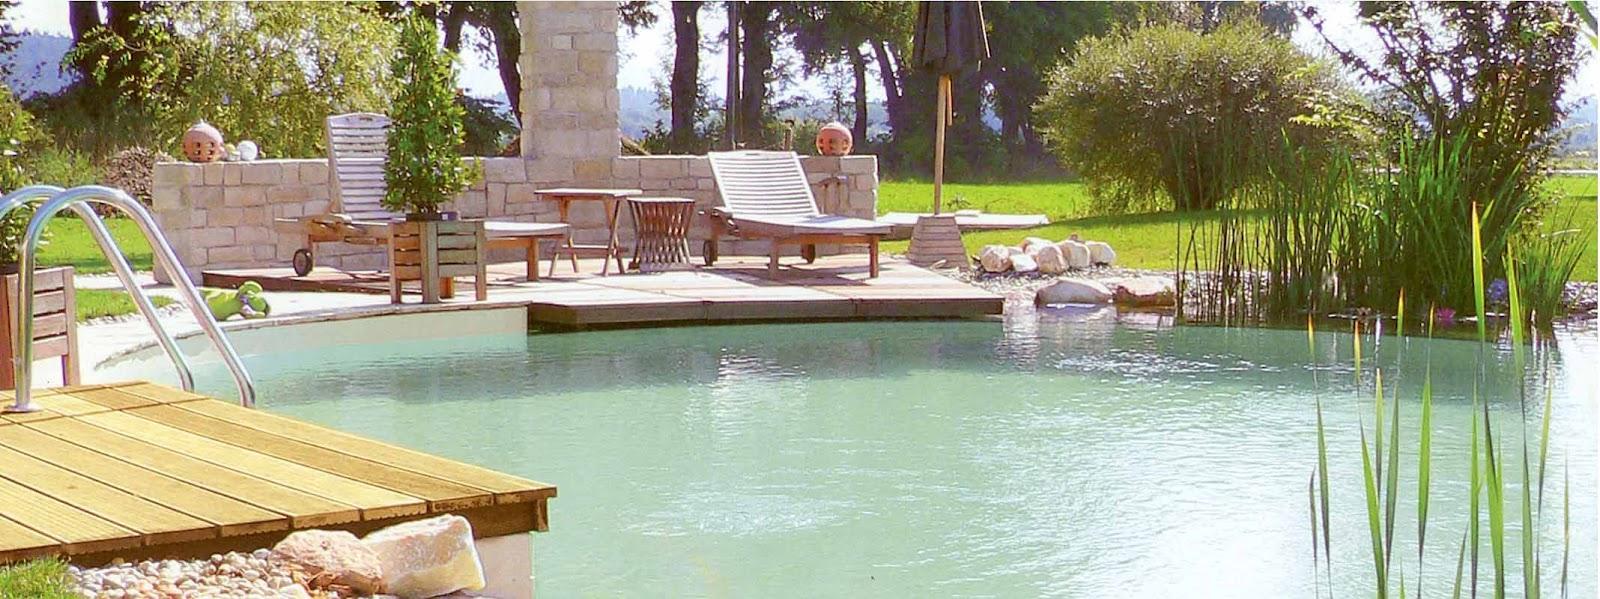 Crea tu jard n piscinas naturales o lagos artificiales for Piscinas de jardin